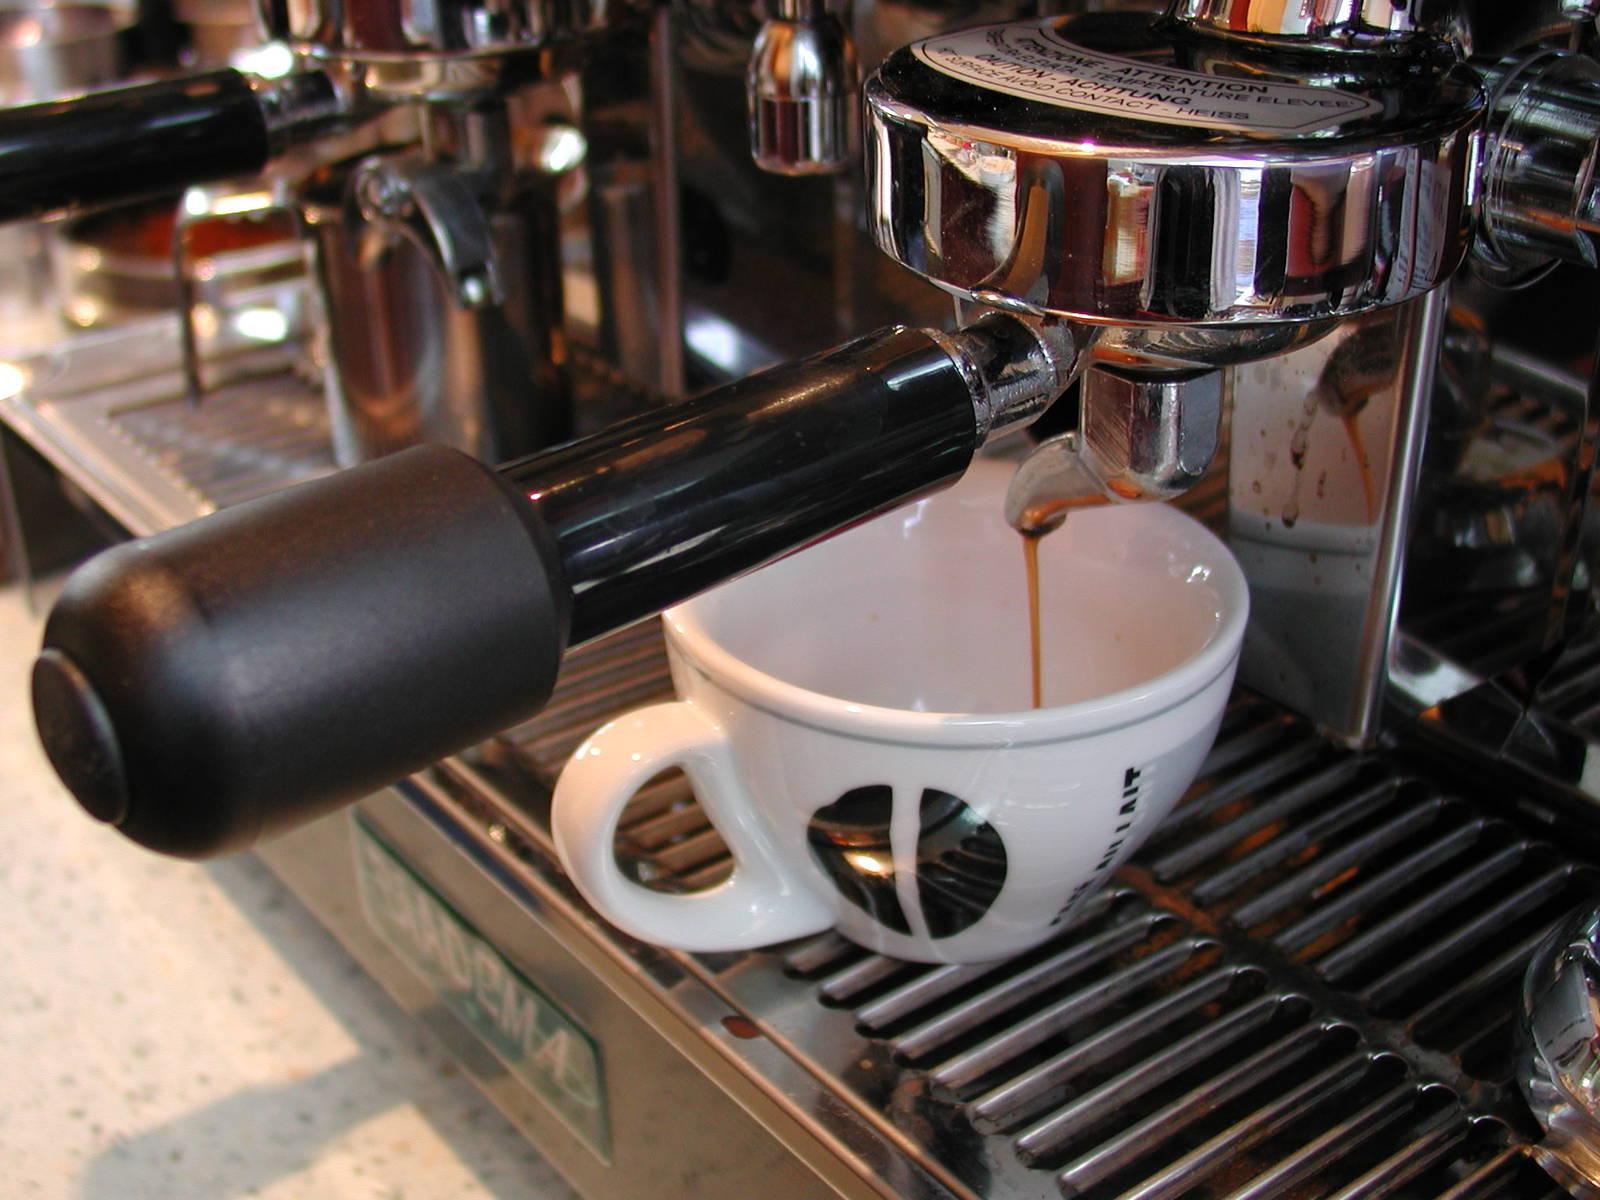 prístroj na kávu